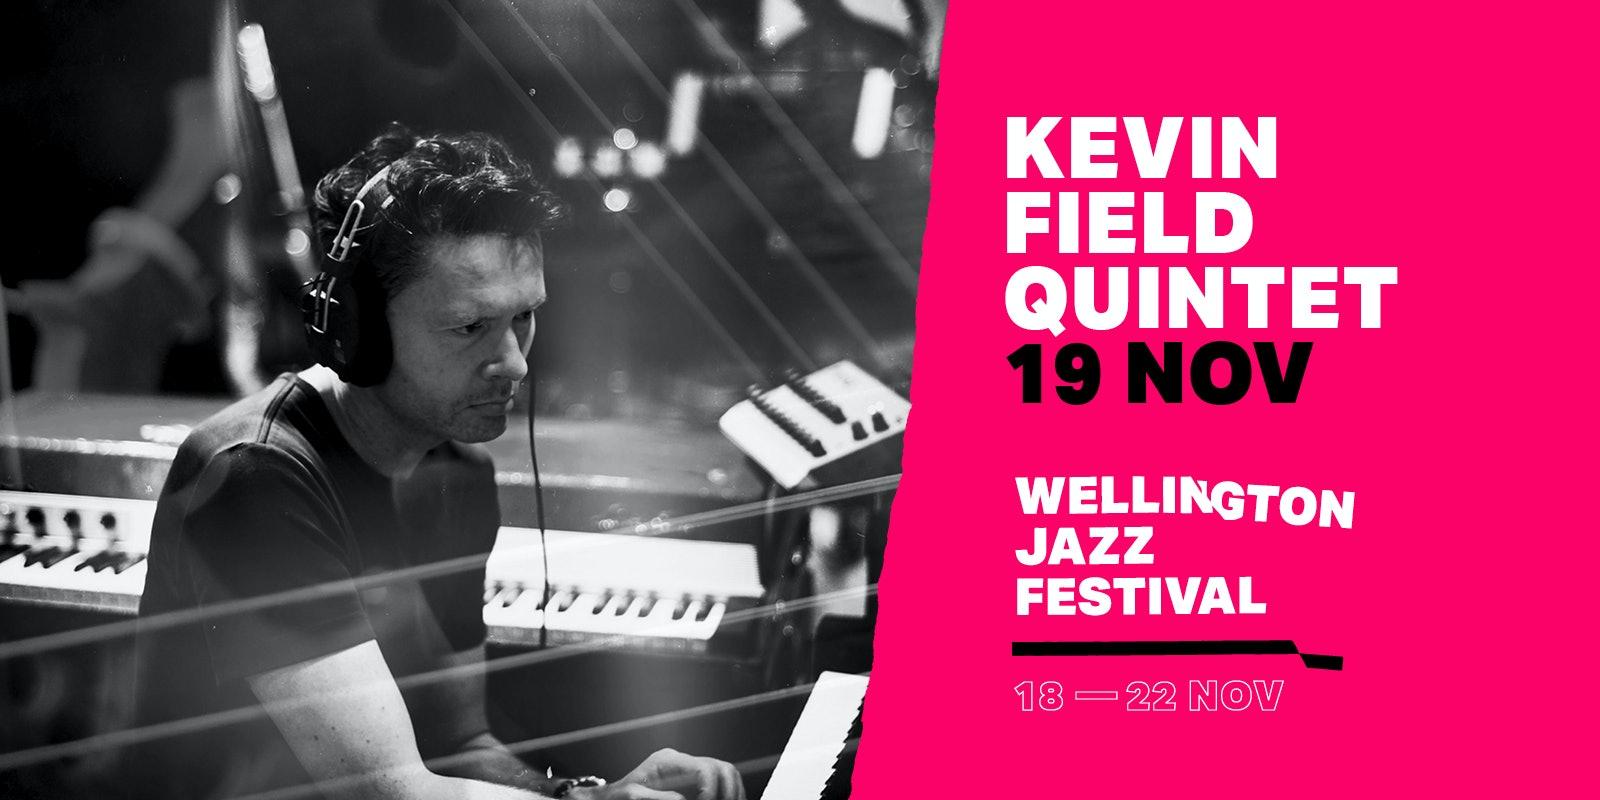 Kevin Field Quintet